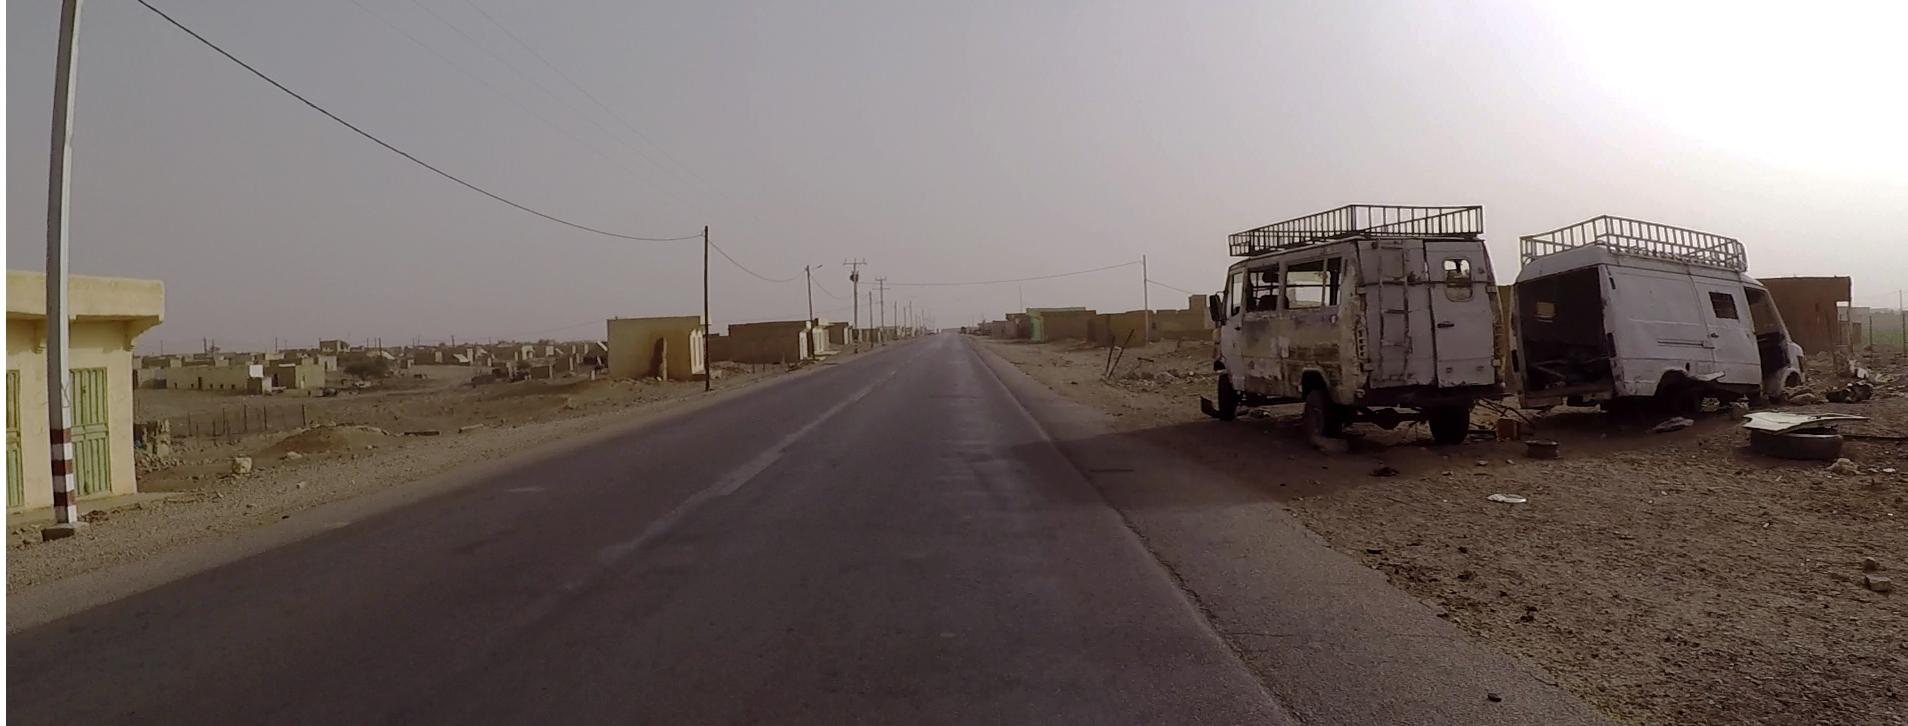 autos rotos mauritania pablocaminante - Mauritania 2/5, de Nouadhibou a Nouakchott